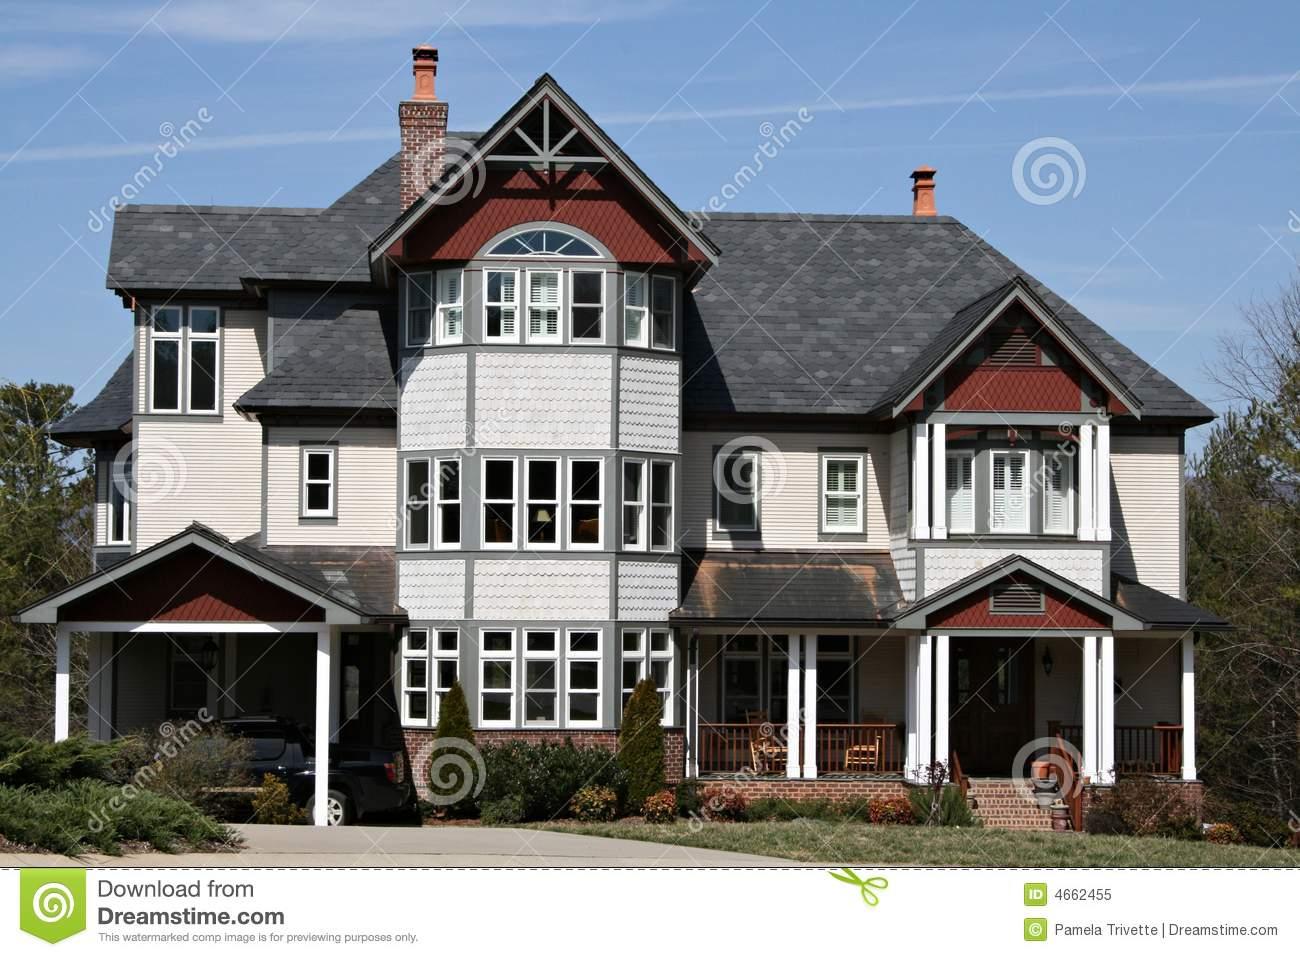 Grosse maison moderne mc immo for Maison moderne mc